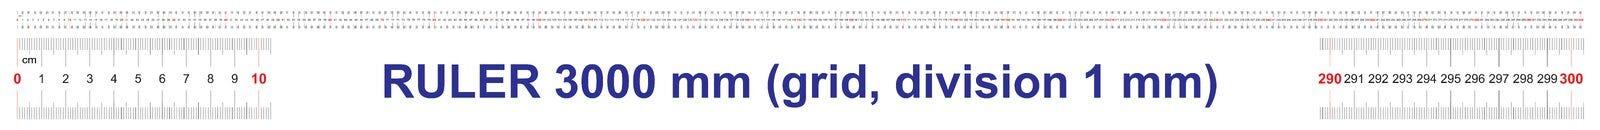 Règle de 3000 millimètres Règle de 300 centimètres Règle de 3 mètres Grille de calibrage Division de valeur 1 millimètre